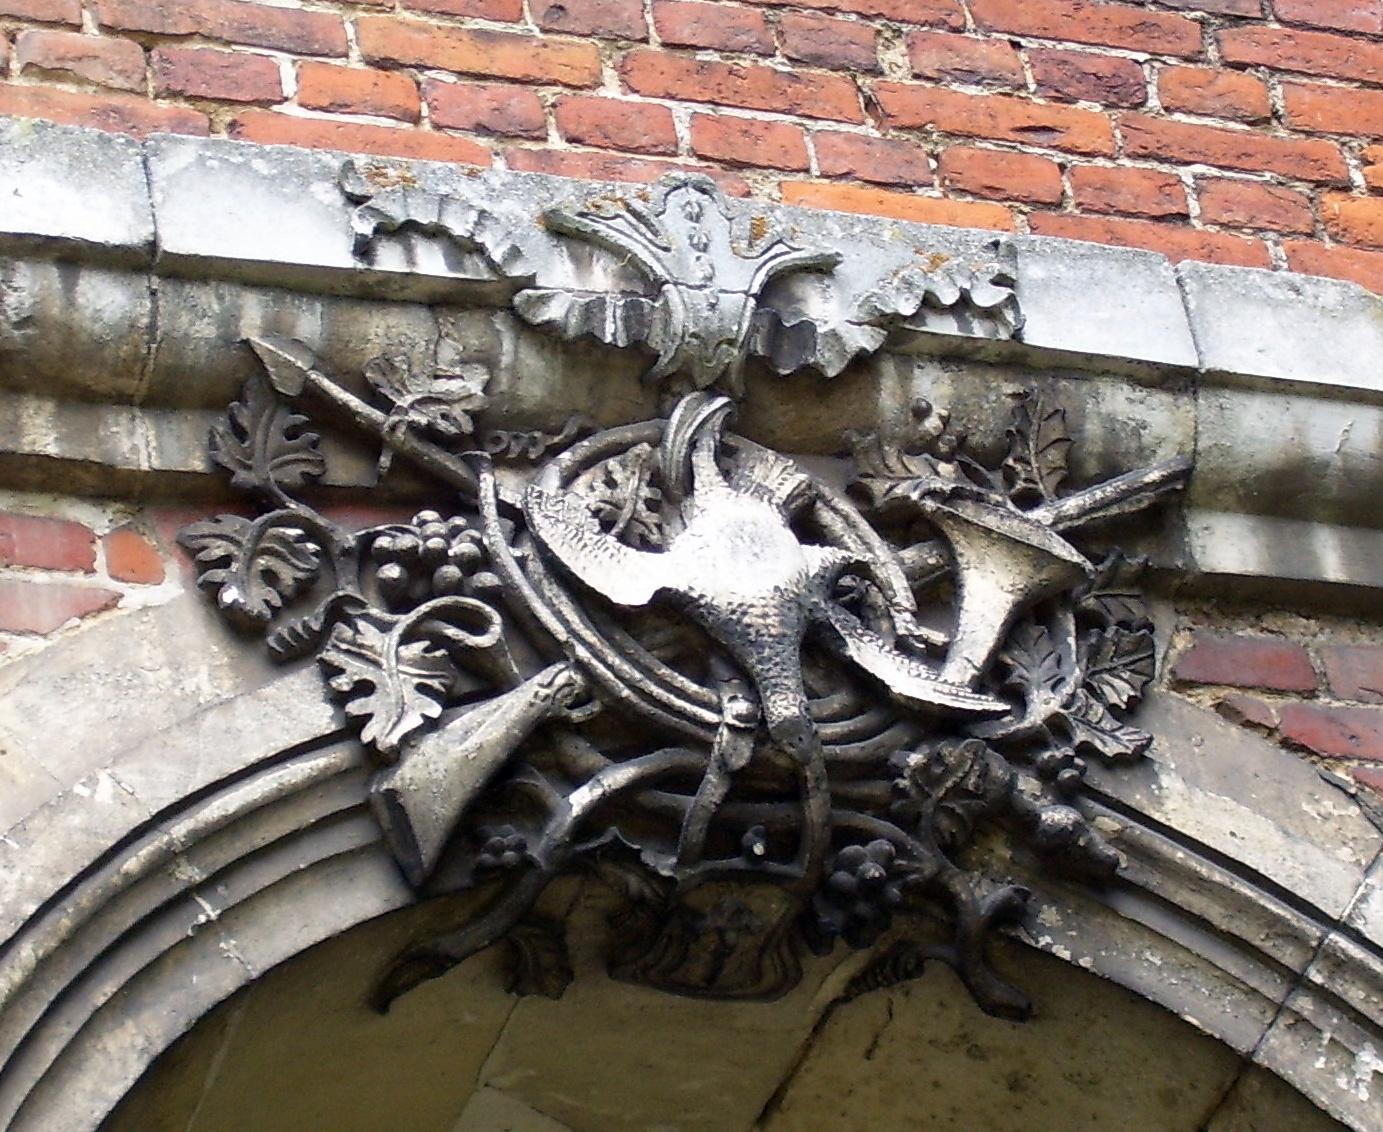 toter Vogel (Fasan?) auf Jagdhorn und Flinte, eigenes Foto, public domain/gemeinfrei